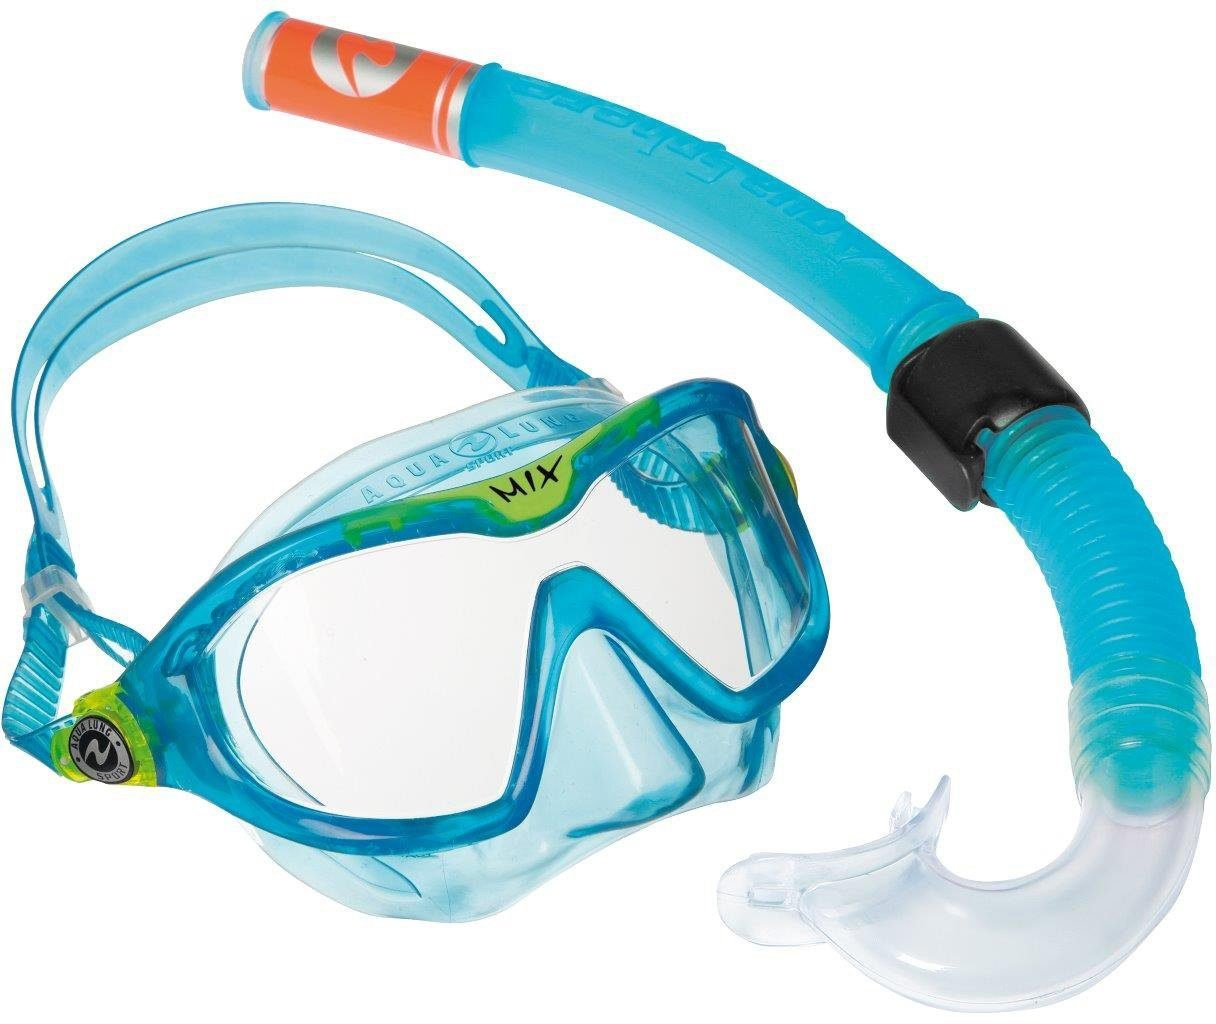 Aqua Lung Sport Kinder Schnorchelset, »Combo Mix«